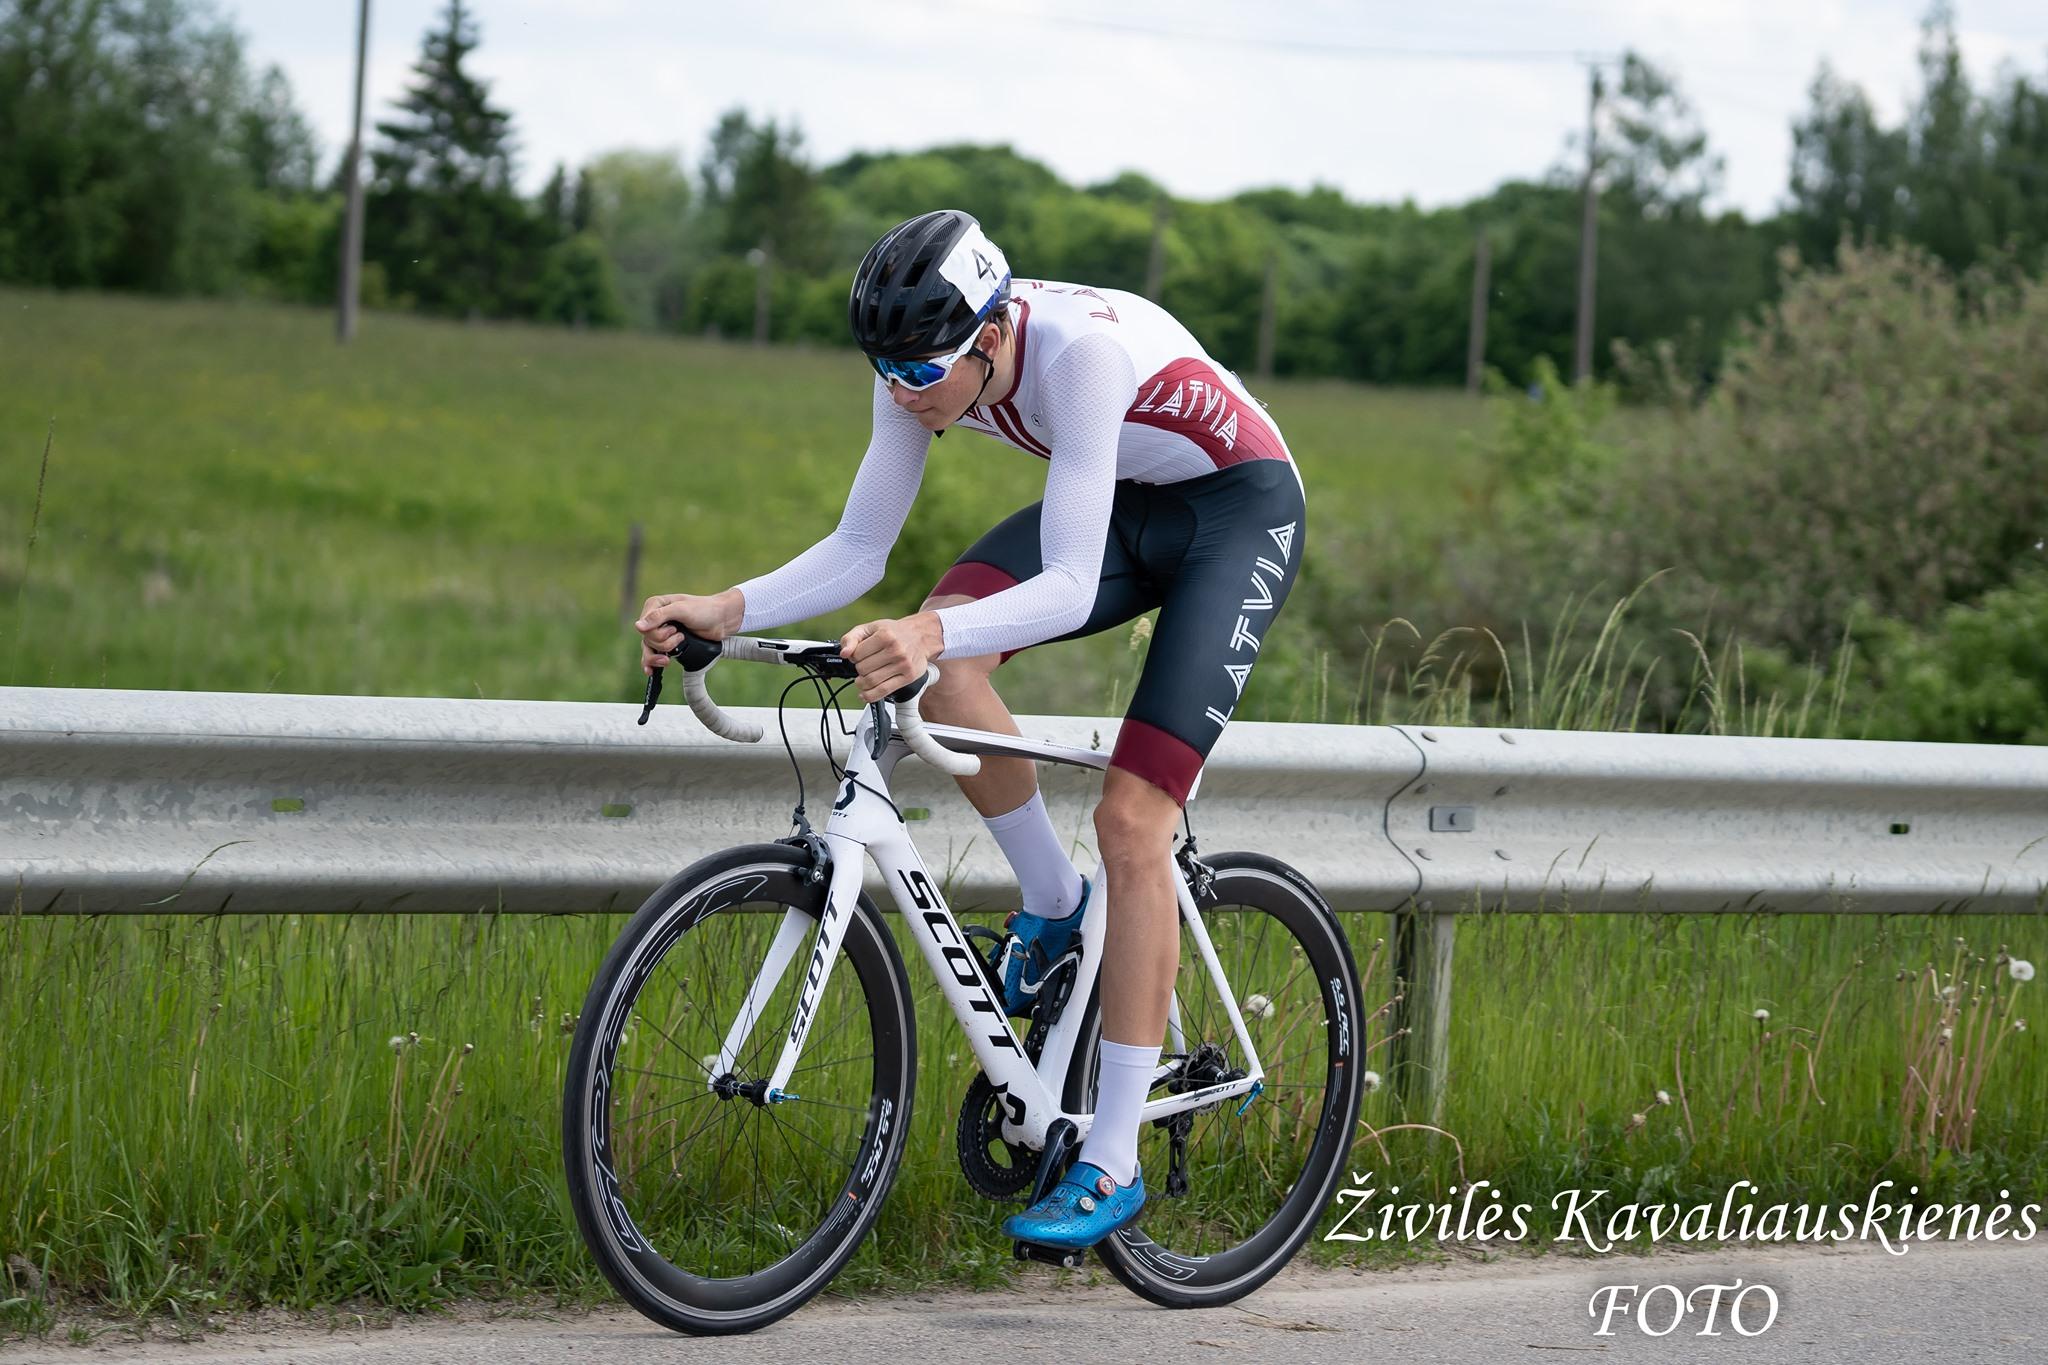 Krasts pasaules U23 čempionātā grupas braucienā finišē 90. vietā